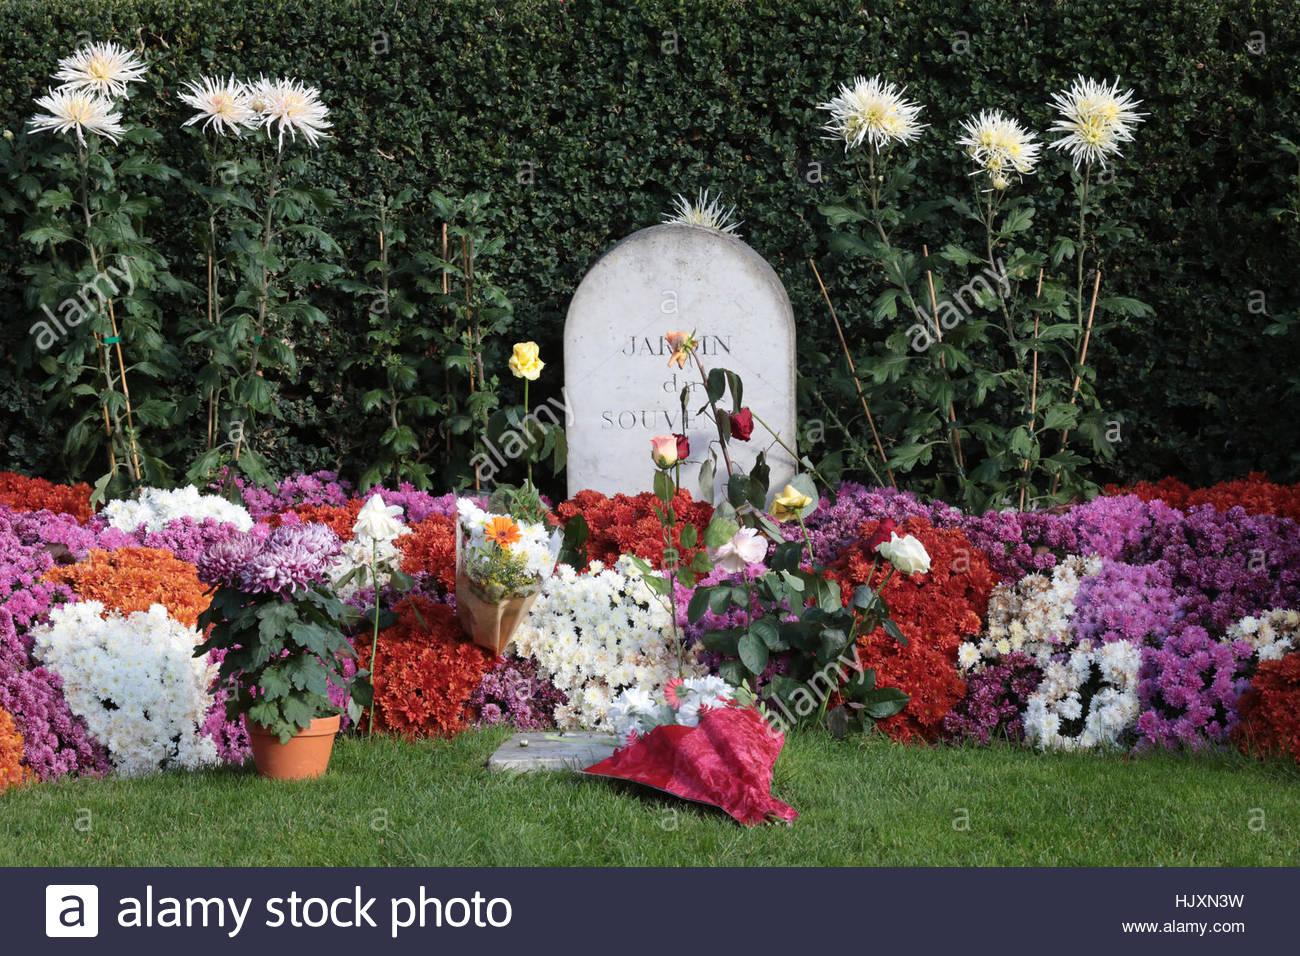 jardin du souvenir cimetiere de pere lachaise jardin del recuerdo cementerio de pere lachaise hjxn3w